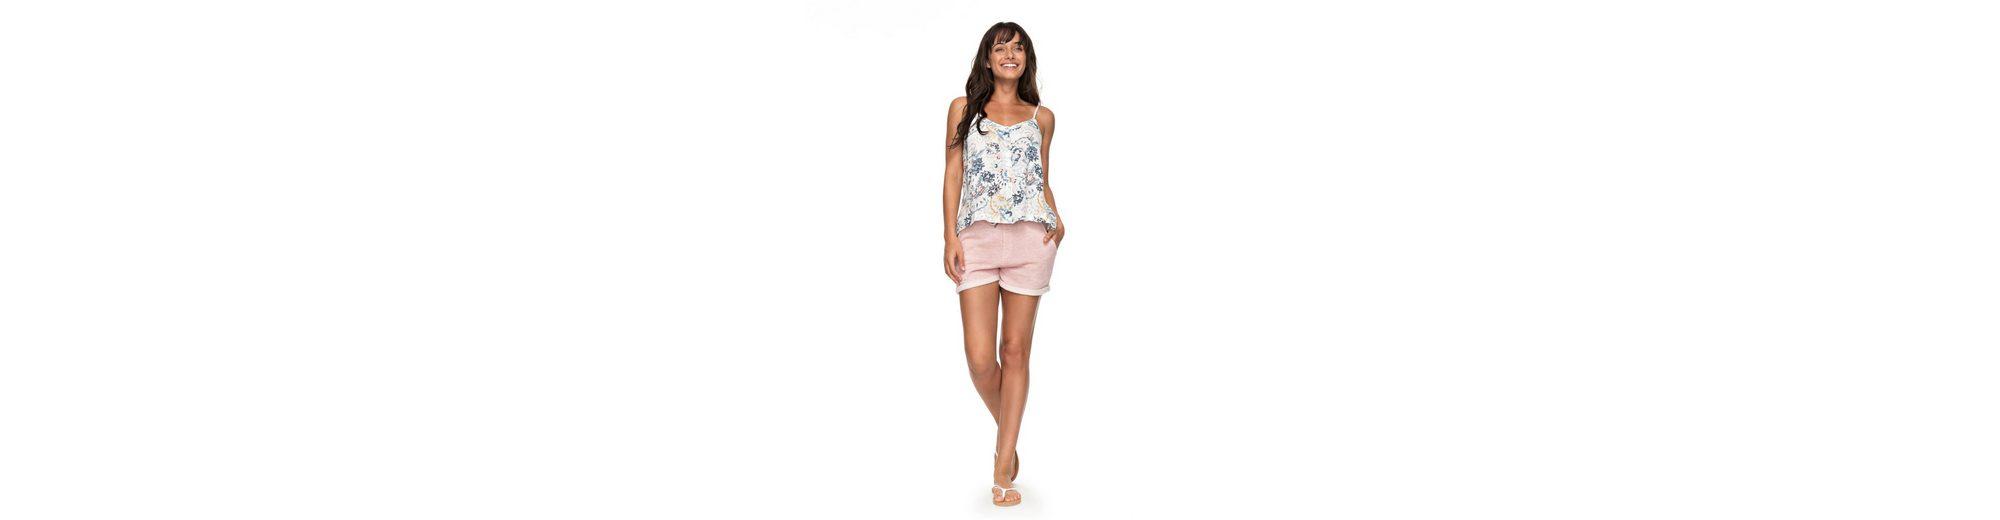 Roxy Sweat Shorts Trippin Billig Verkaufen Große Überraschung rsYkKk